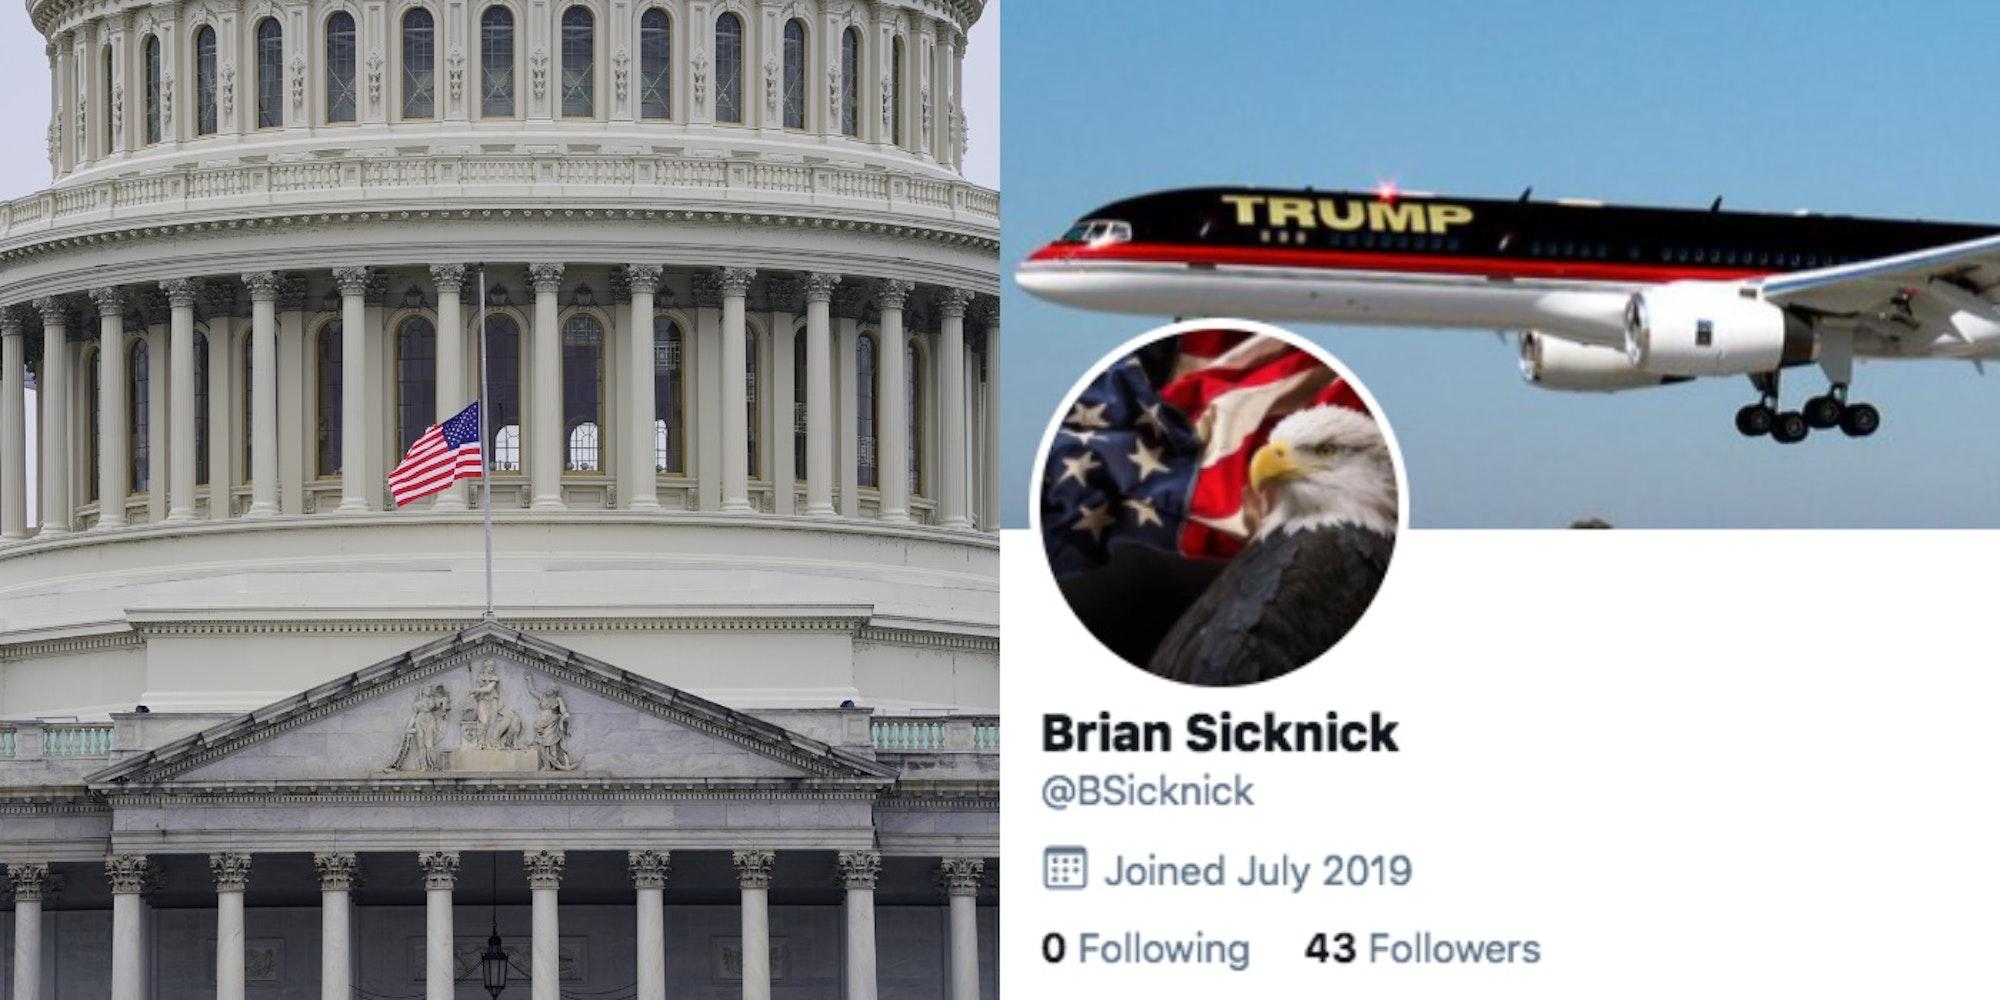 Brian Sicknick trump twitter account